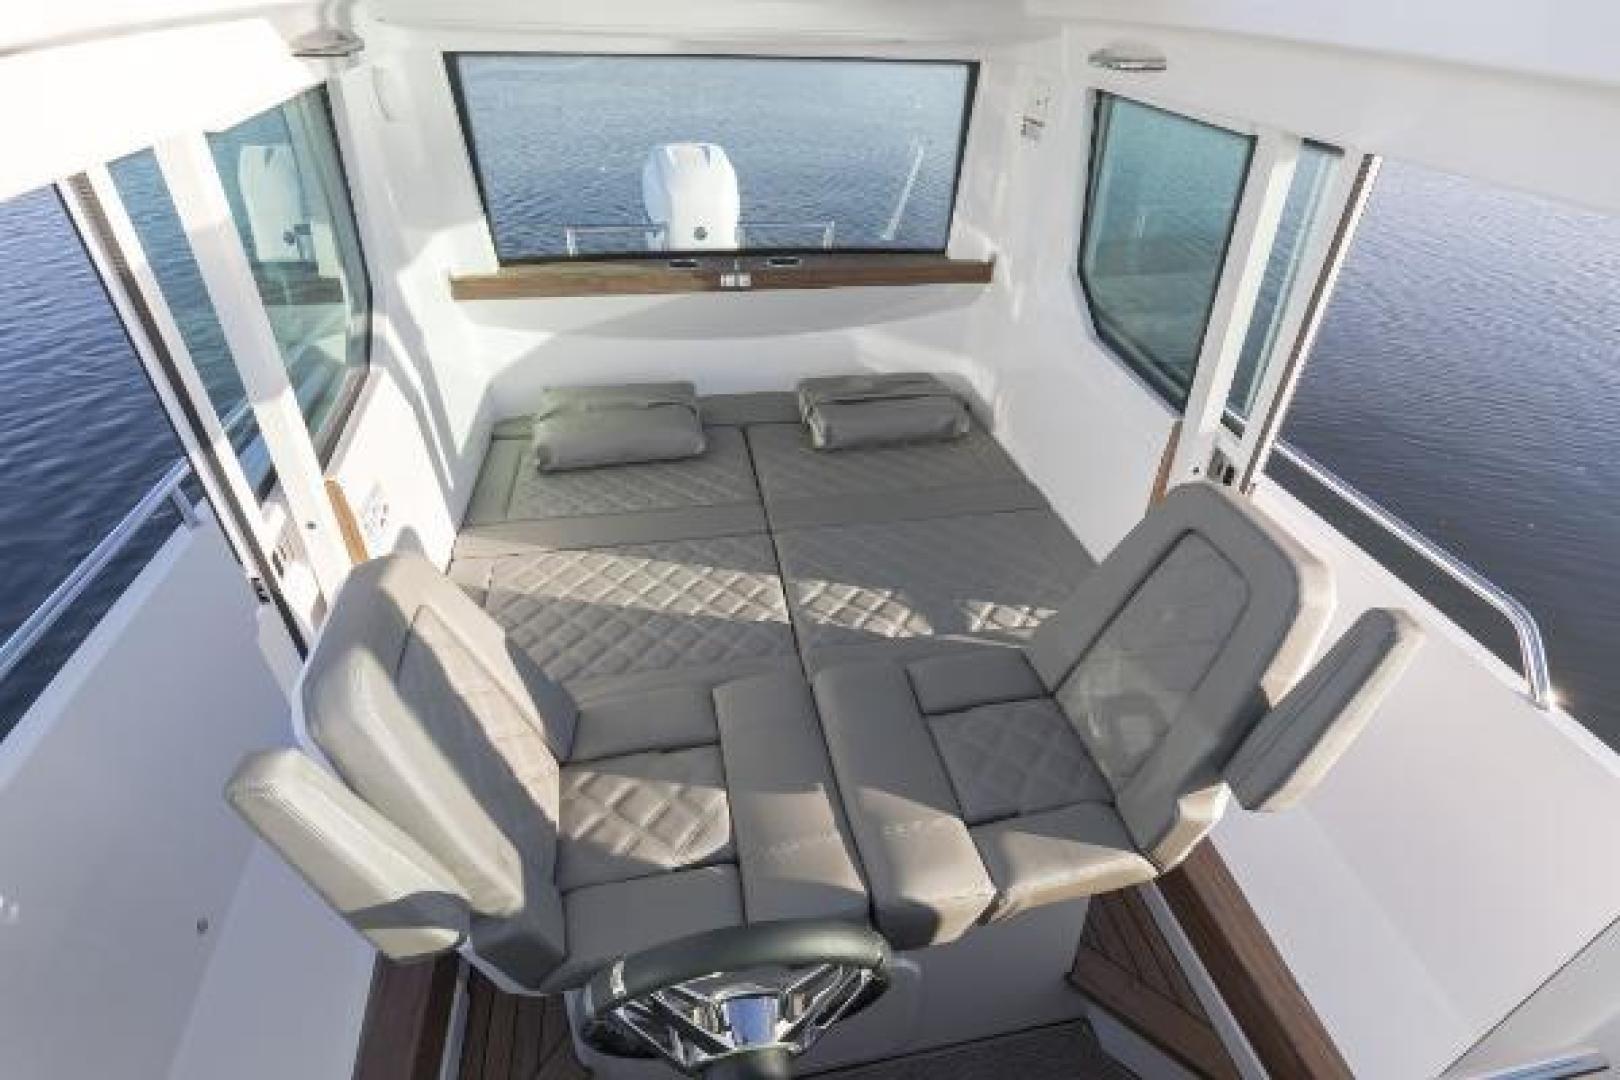 Axopar-28 CABIN 2020-Axopar 28 CABIN Palm Beach-Florida-United States-1531467 | Thumbnail